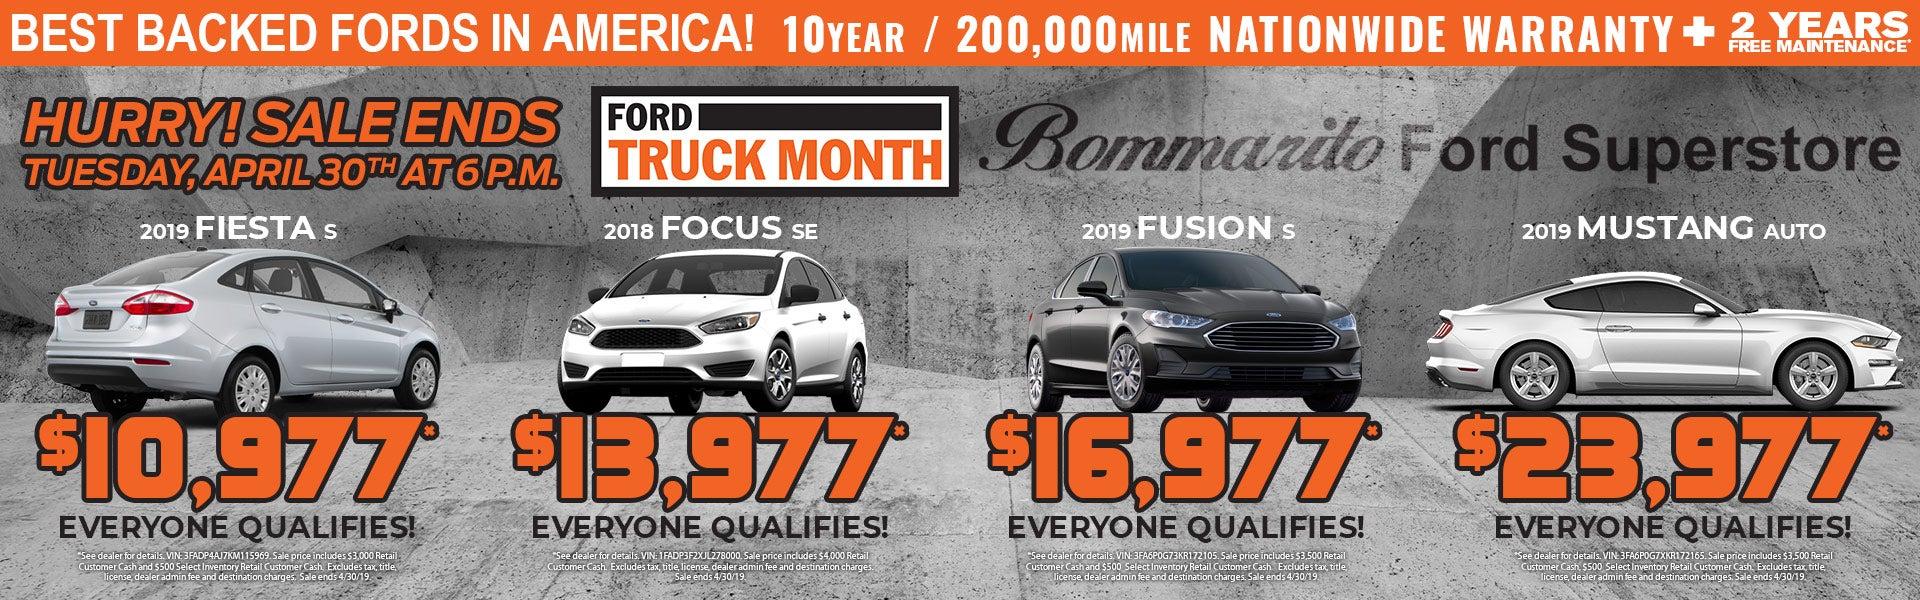 Bommarito Ford Super Truck Month